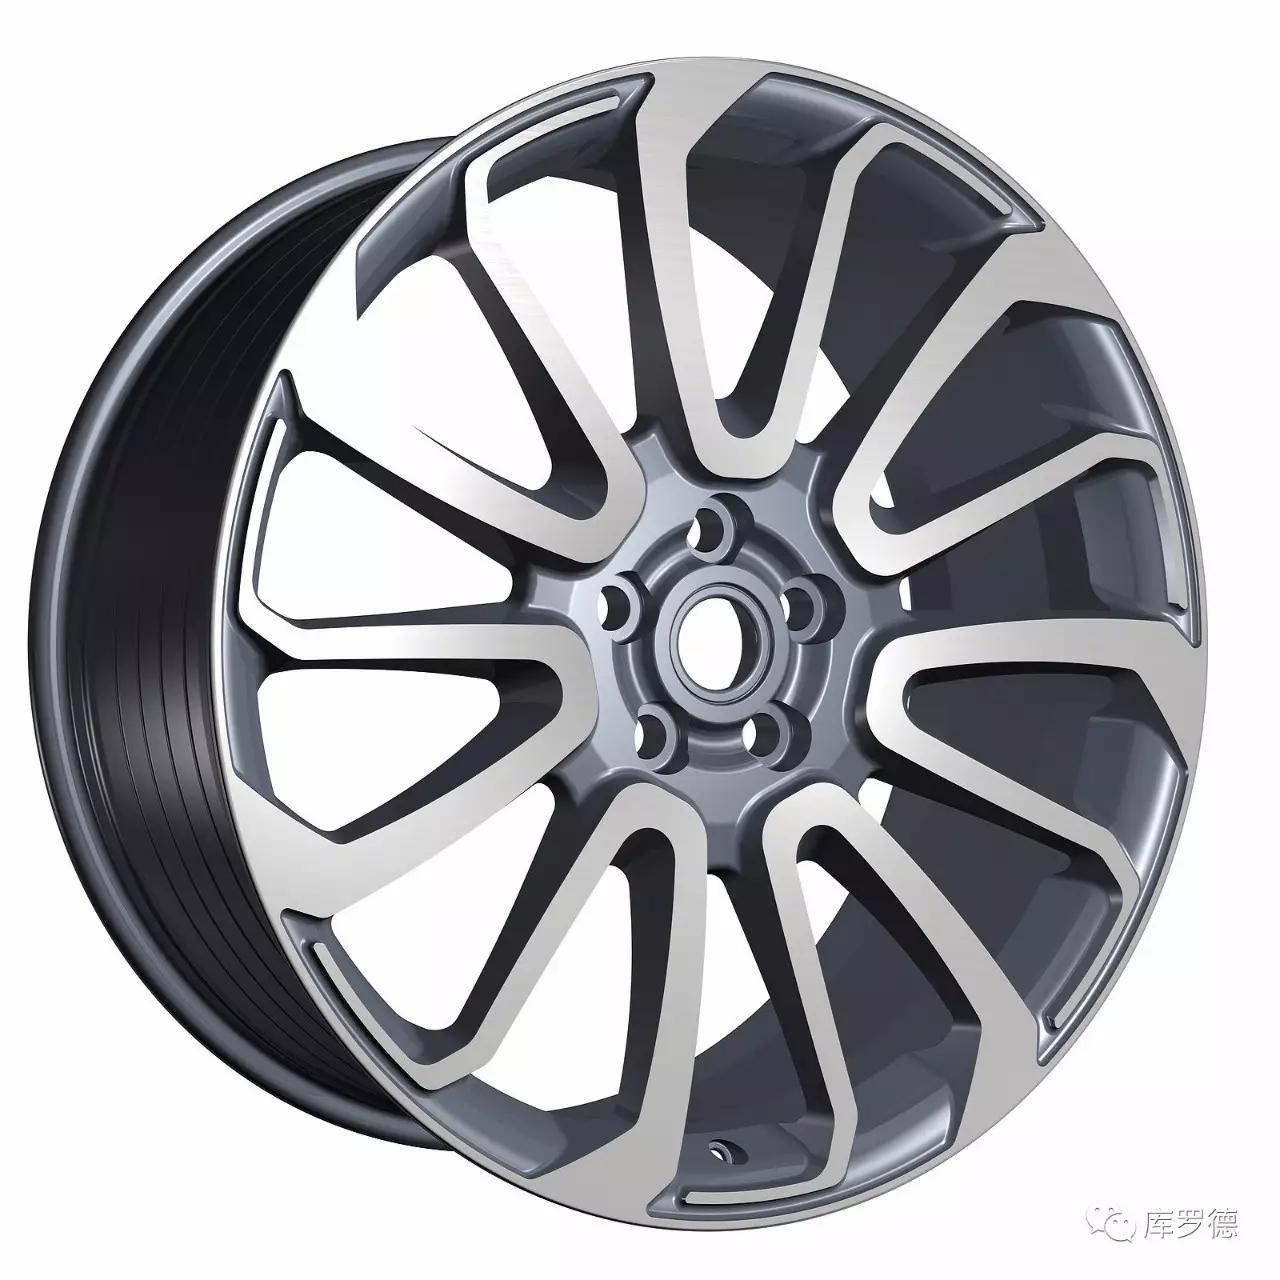 锻造铝合金轮毂扬州个性化定制轮毂 厦门锻造铝合金轮毂个性化定制轮毂